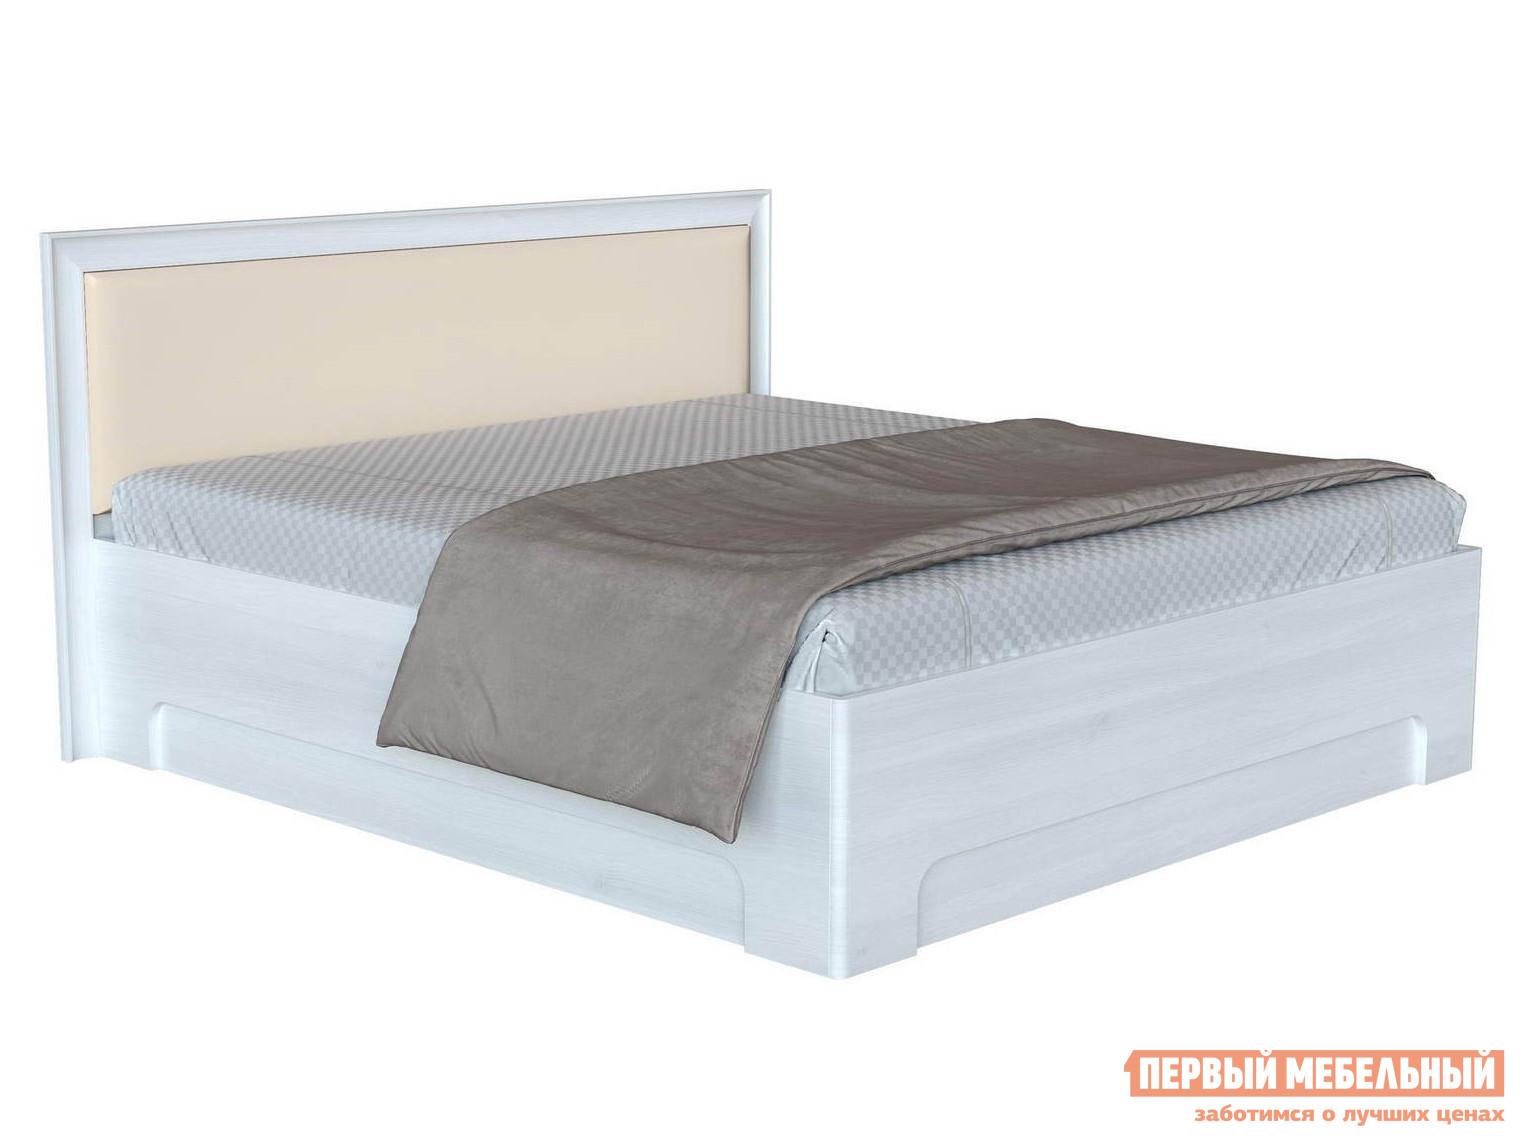 Полутороспальная кровать Первый Мебельный Прато 1-1,5 ПМ полутороспальная кровать первый мебельный кровать ненси 1 4м